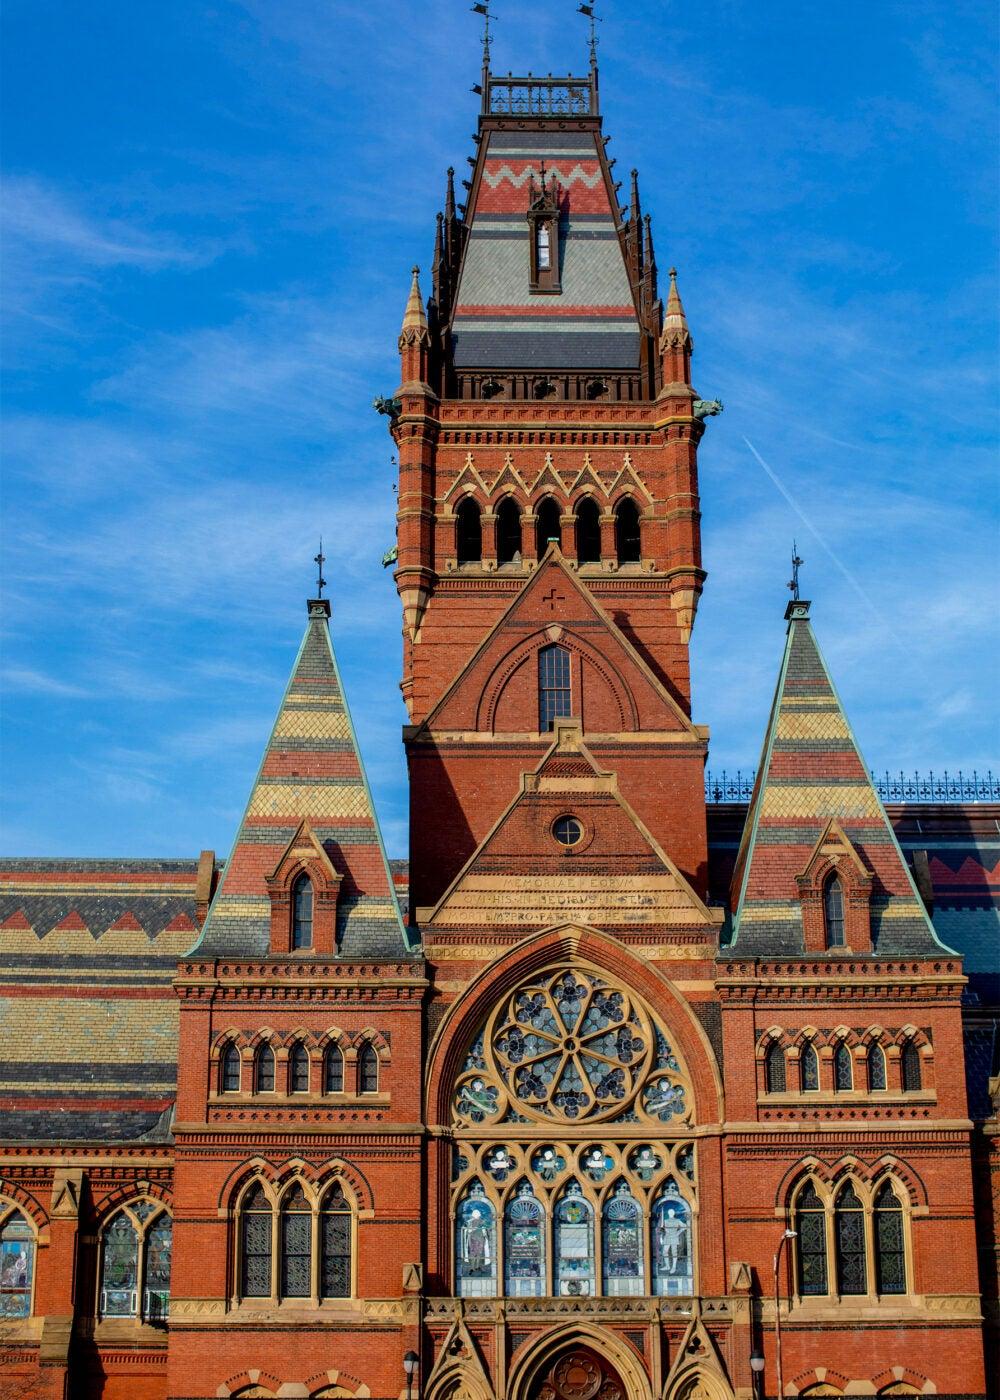 Memorial Hall at Harvard University.